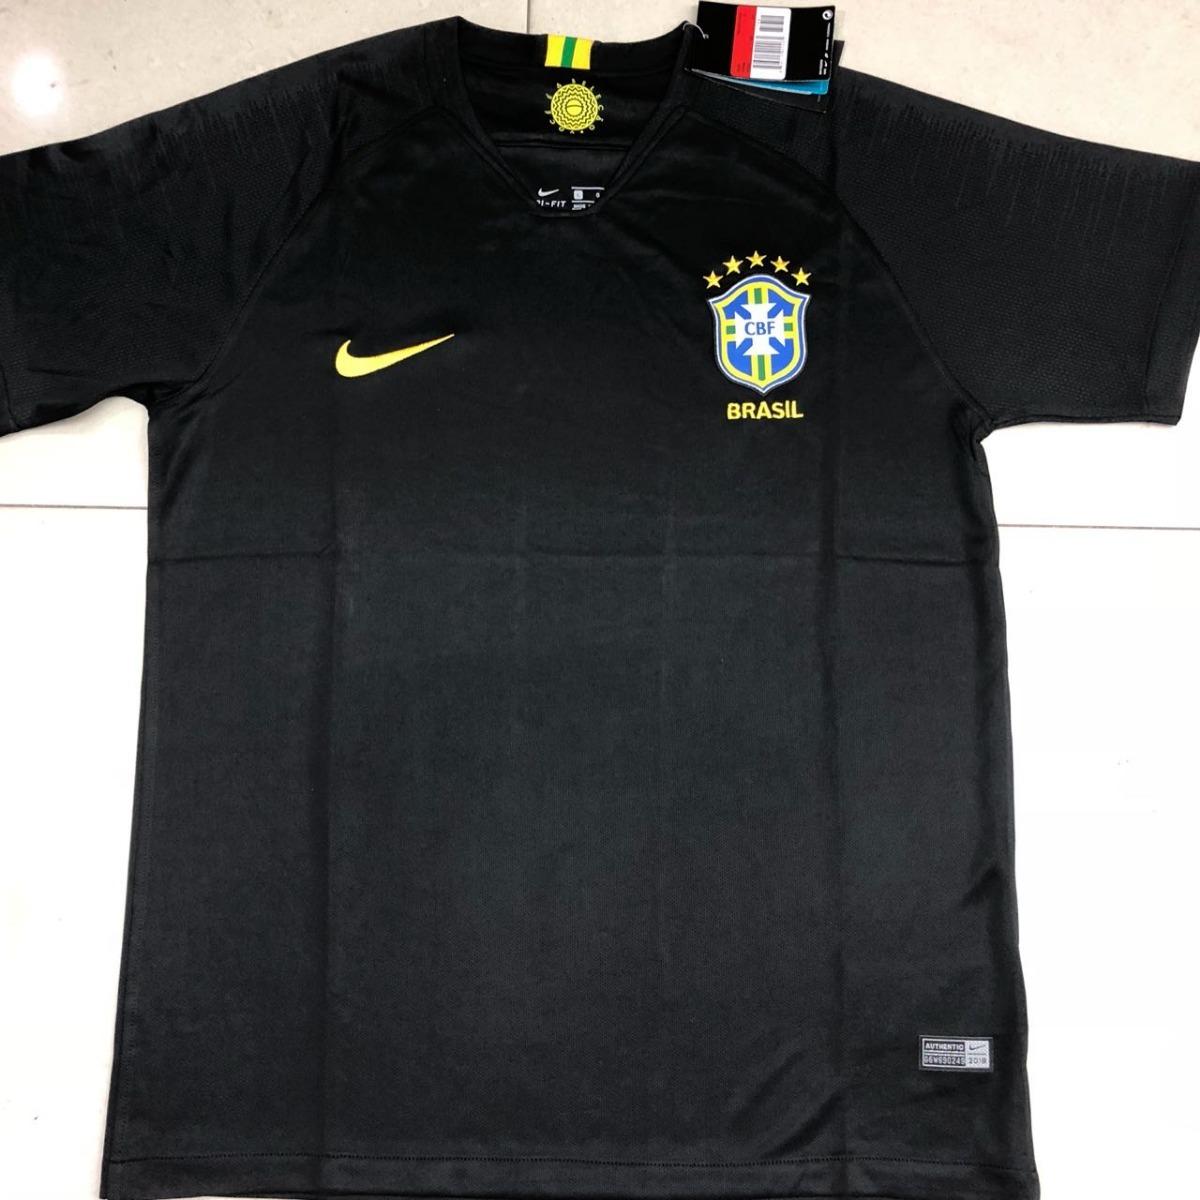 4e6ae46659aac Camisa Seleção Brasil Goleiro 2018 S n° Torcedor Nike Mascul - R  19 ...